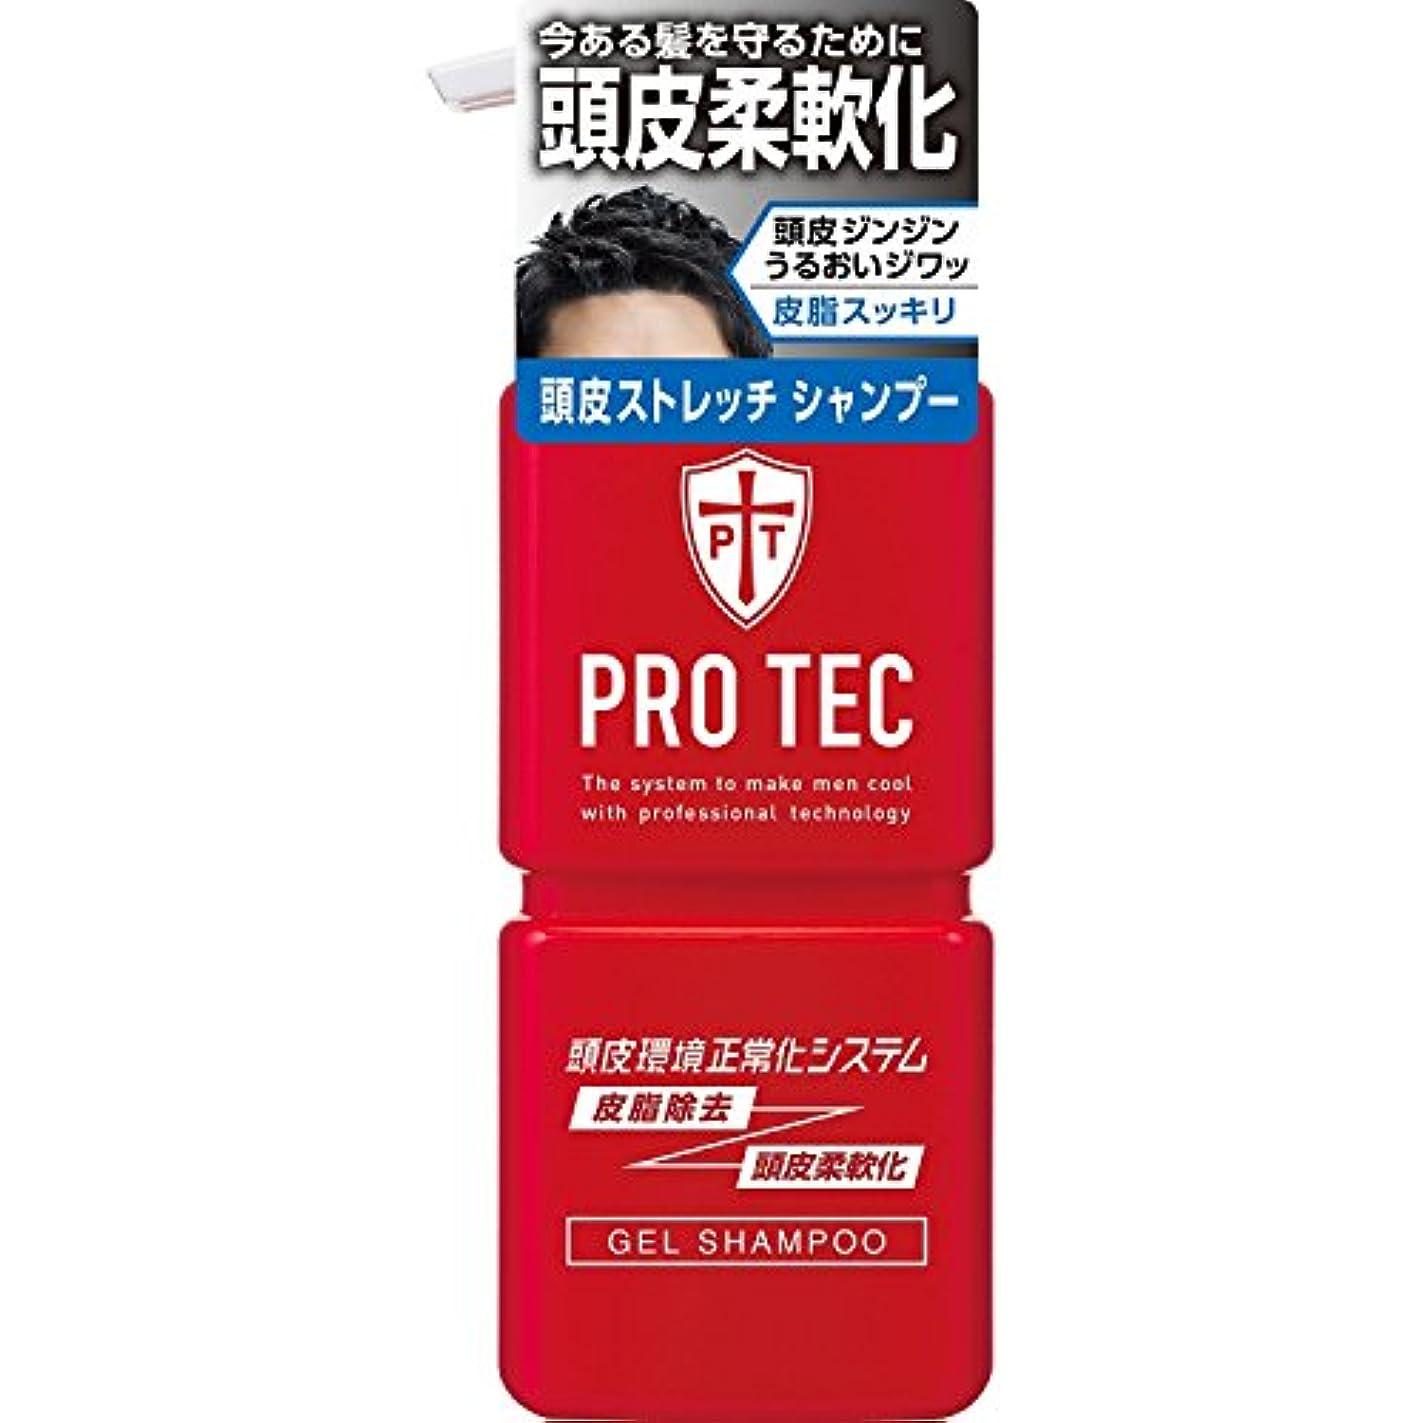 アコード垂直スキップPRO TEC(プロテク) 頭皮ストレッチ シャンプー 本体ポンプ 300g(医薬部外品)